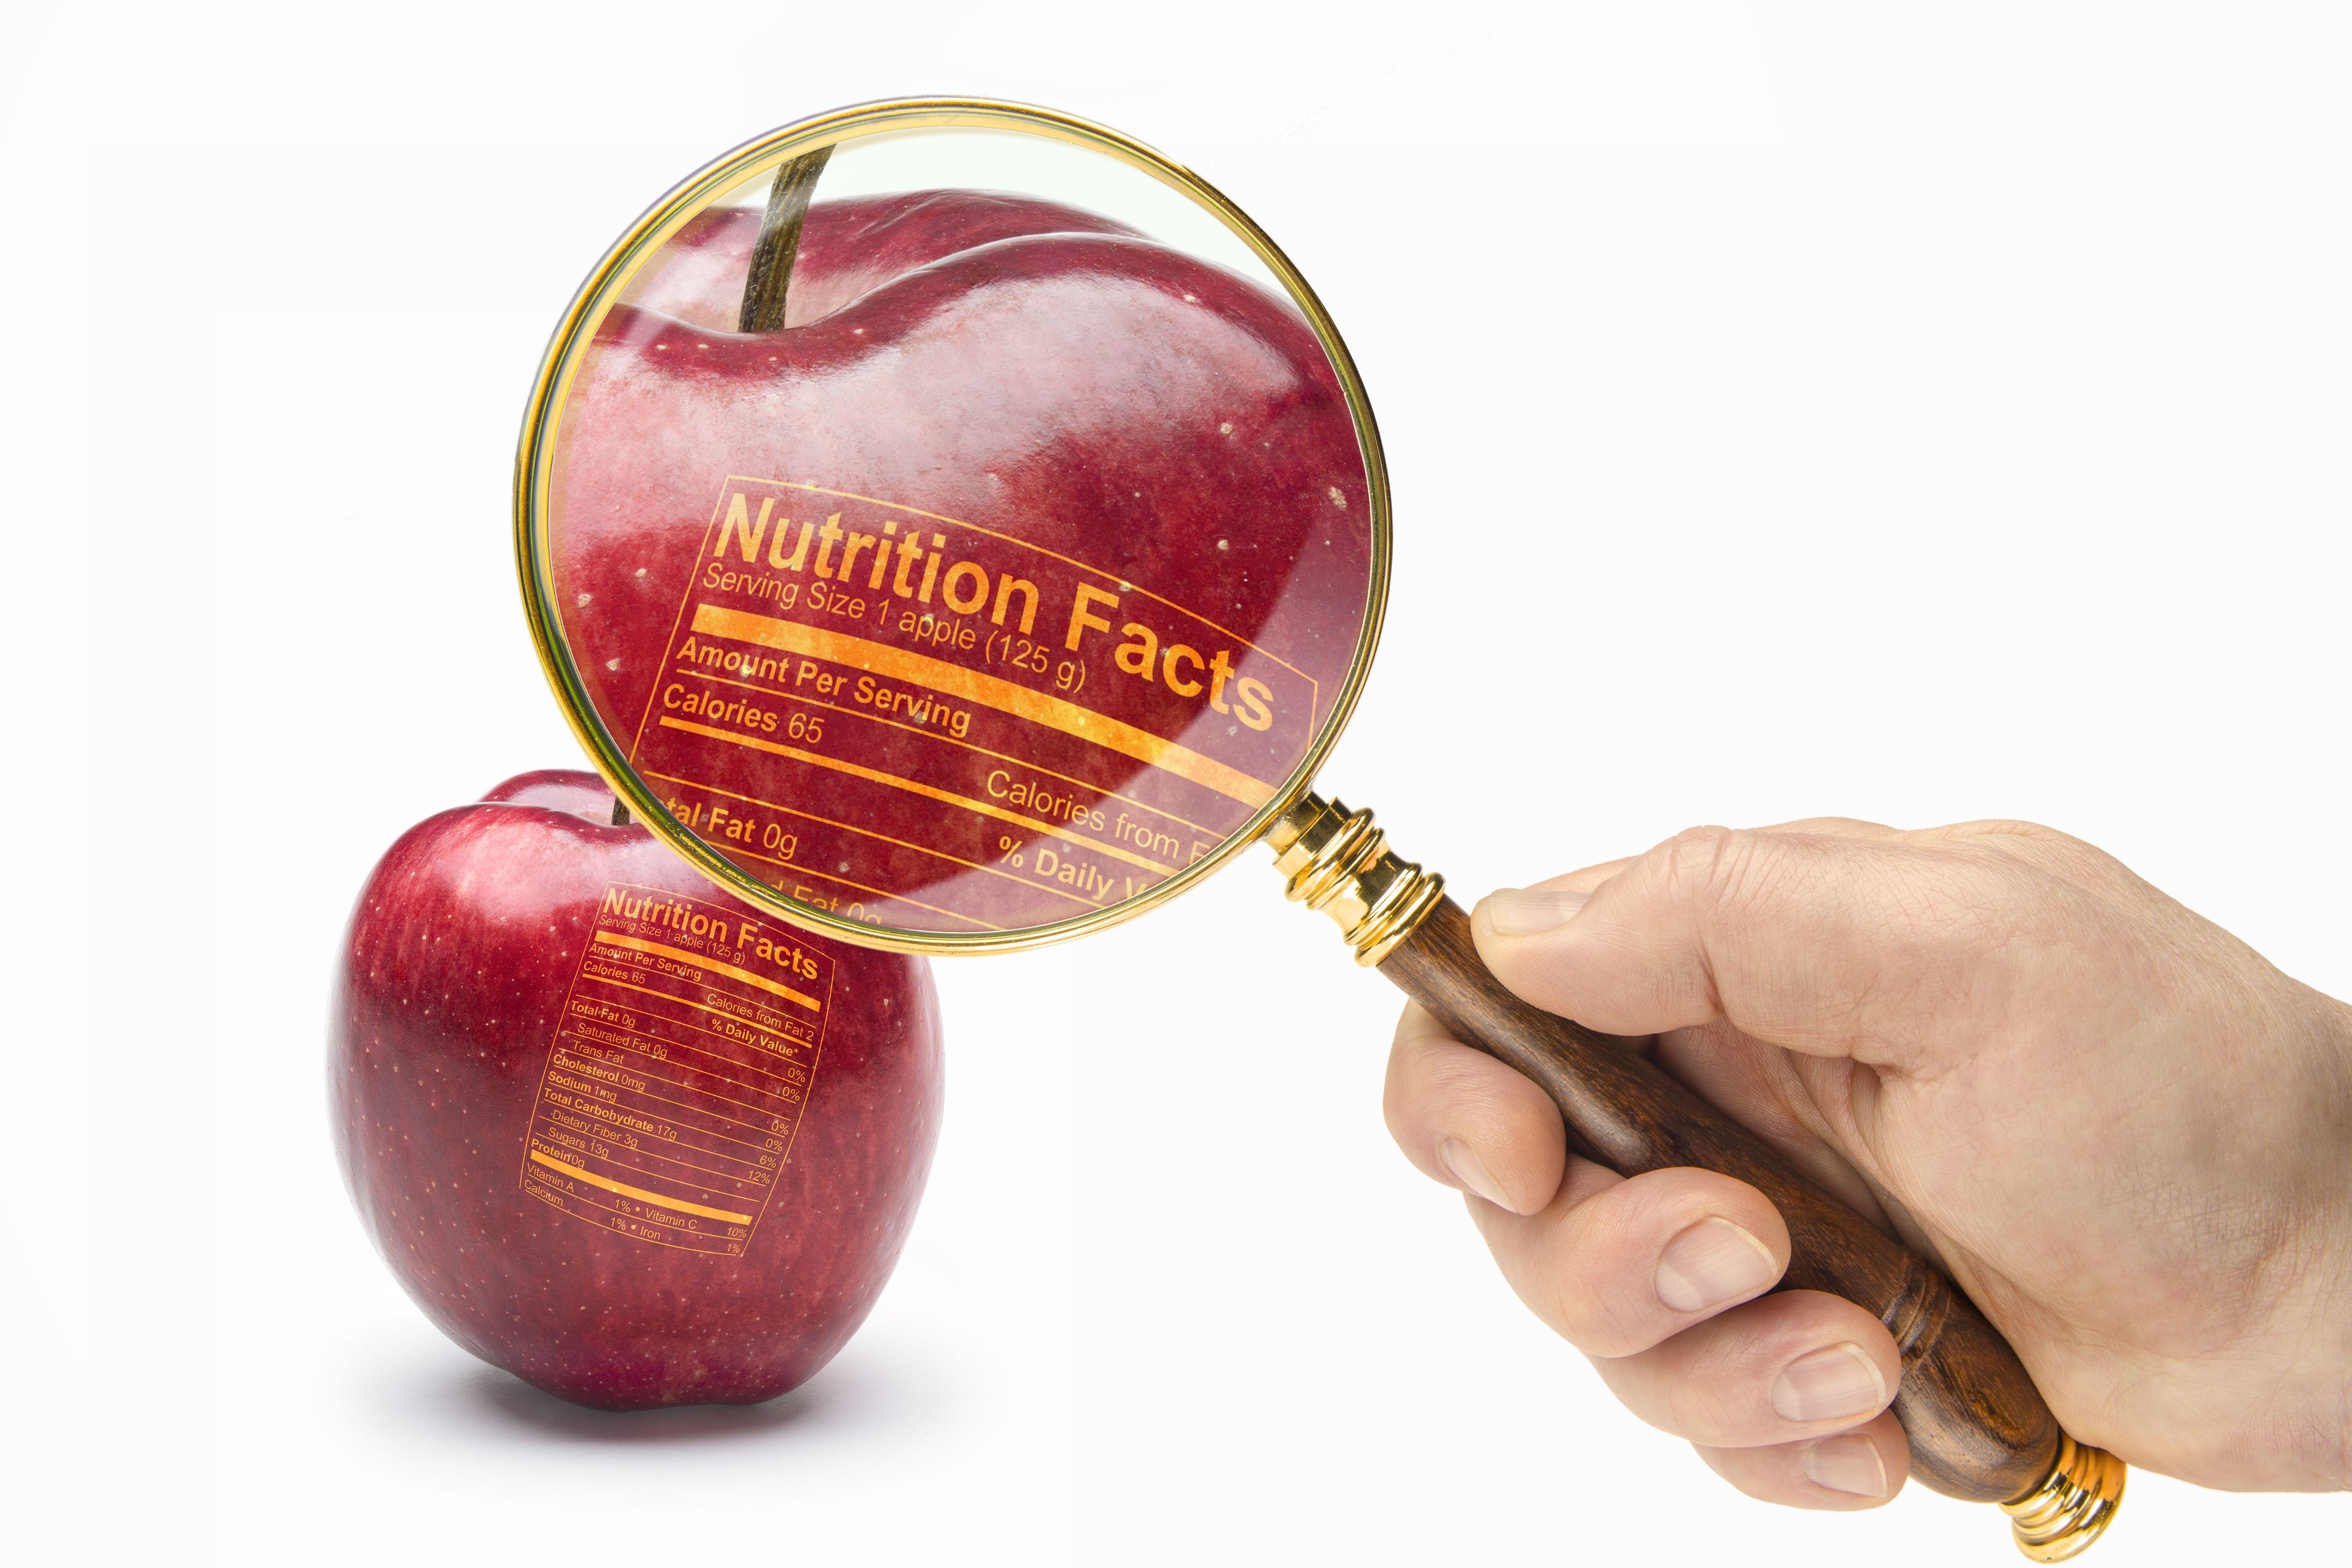 8 engaños habituales de la publicidad para hacernos creer que un alimento es sano